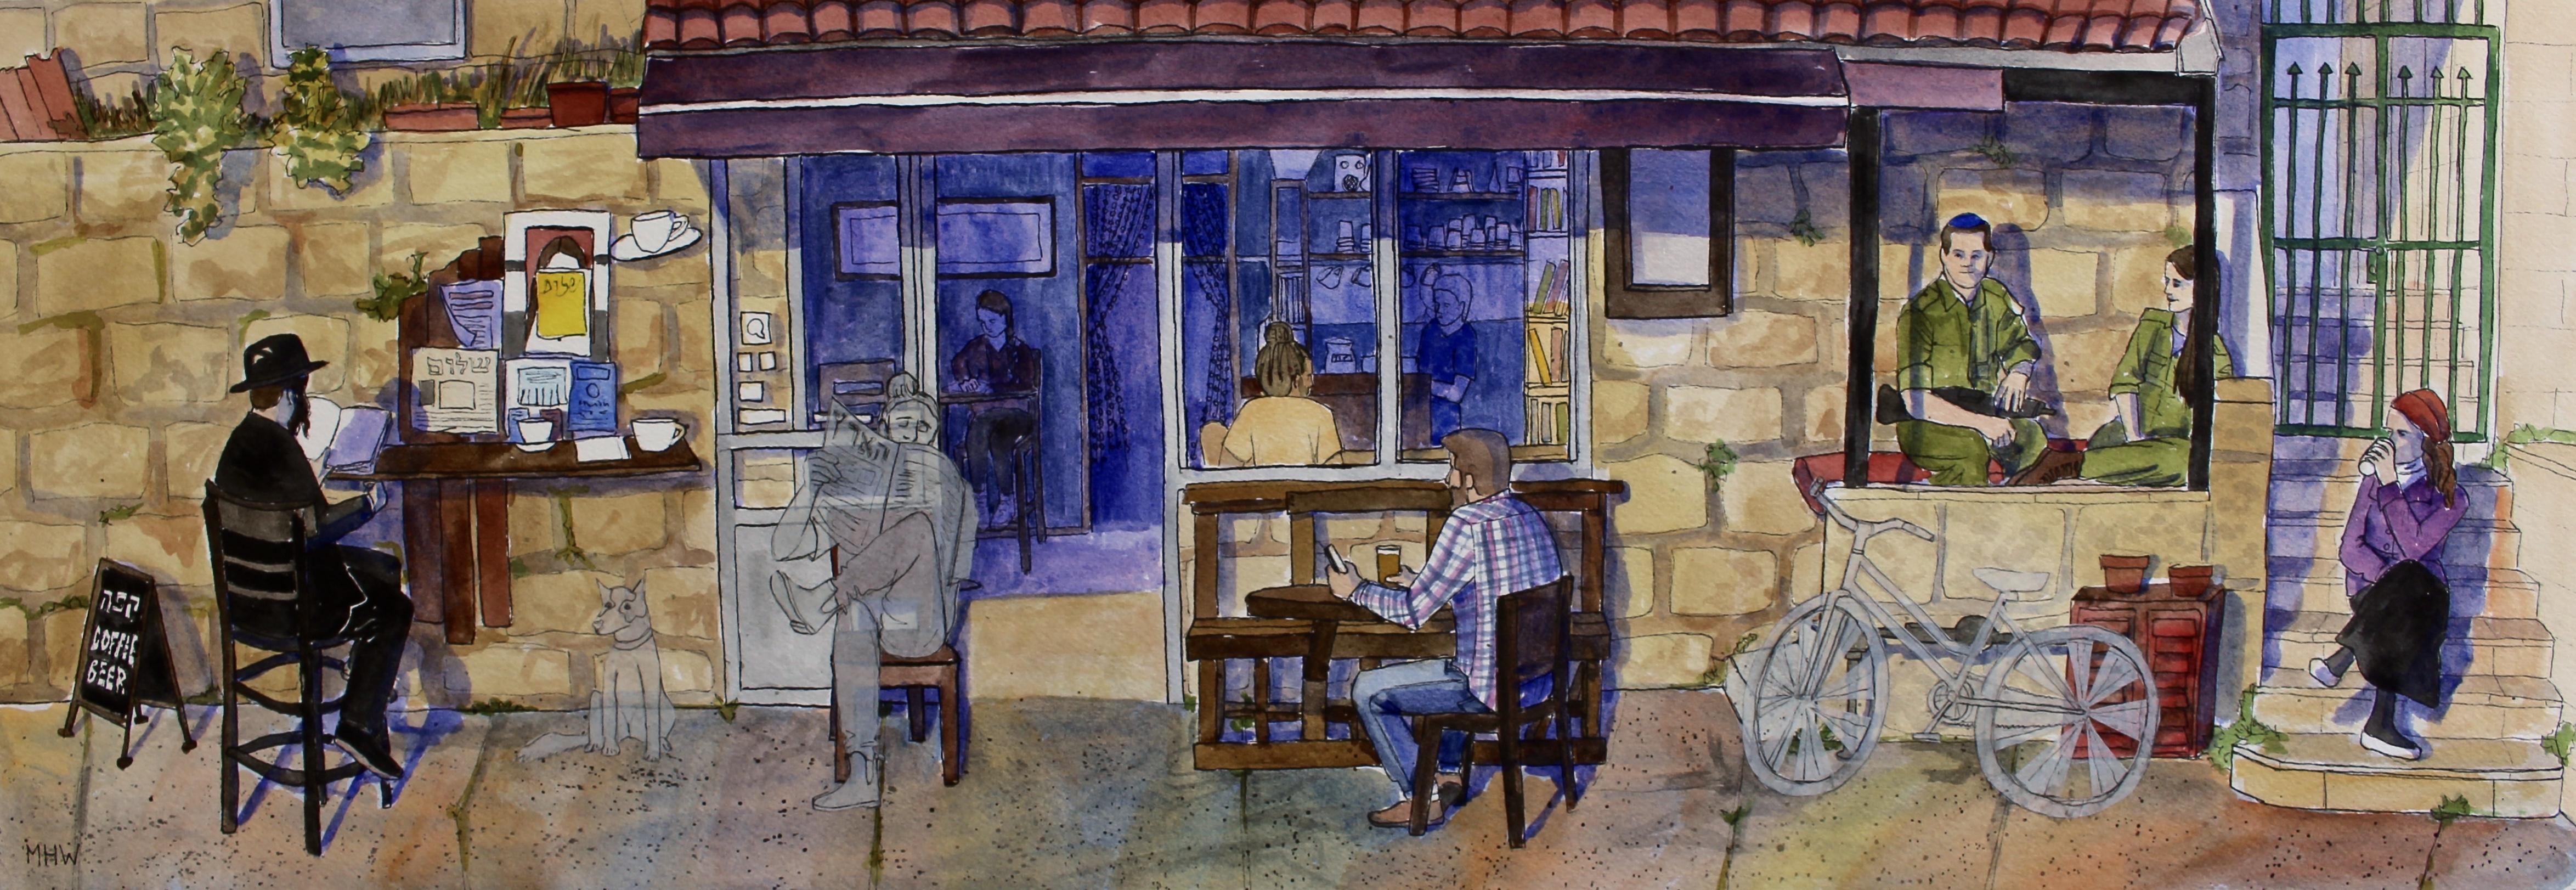 Y Cafe/Bar